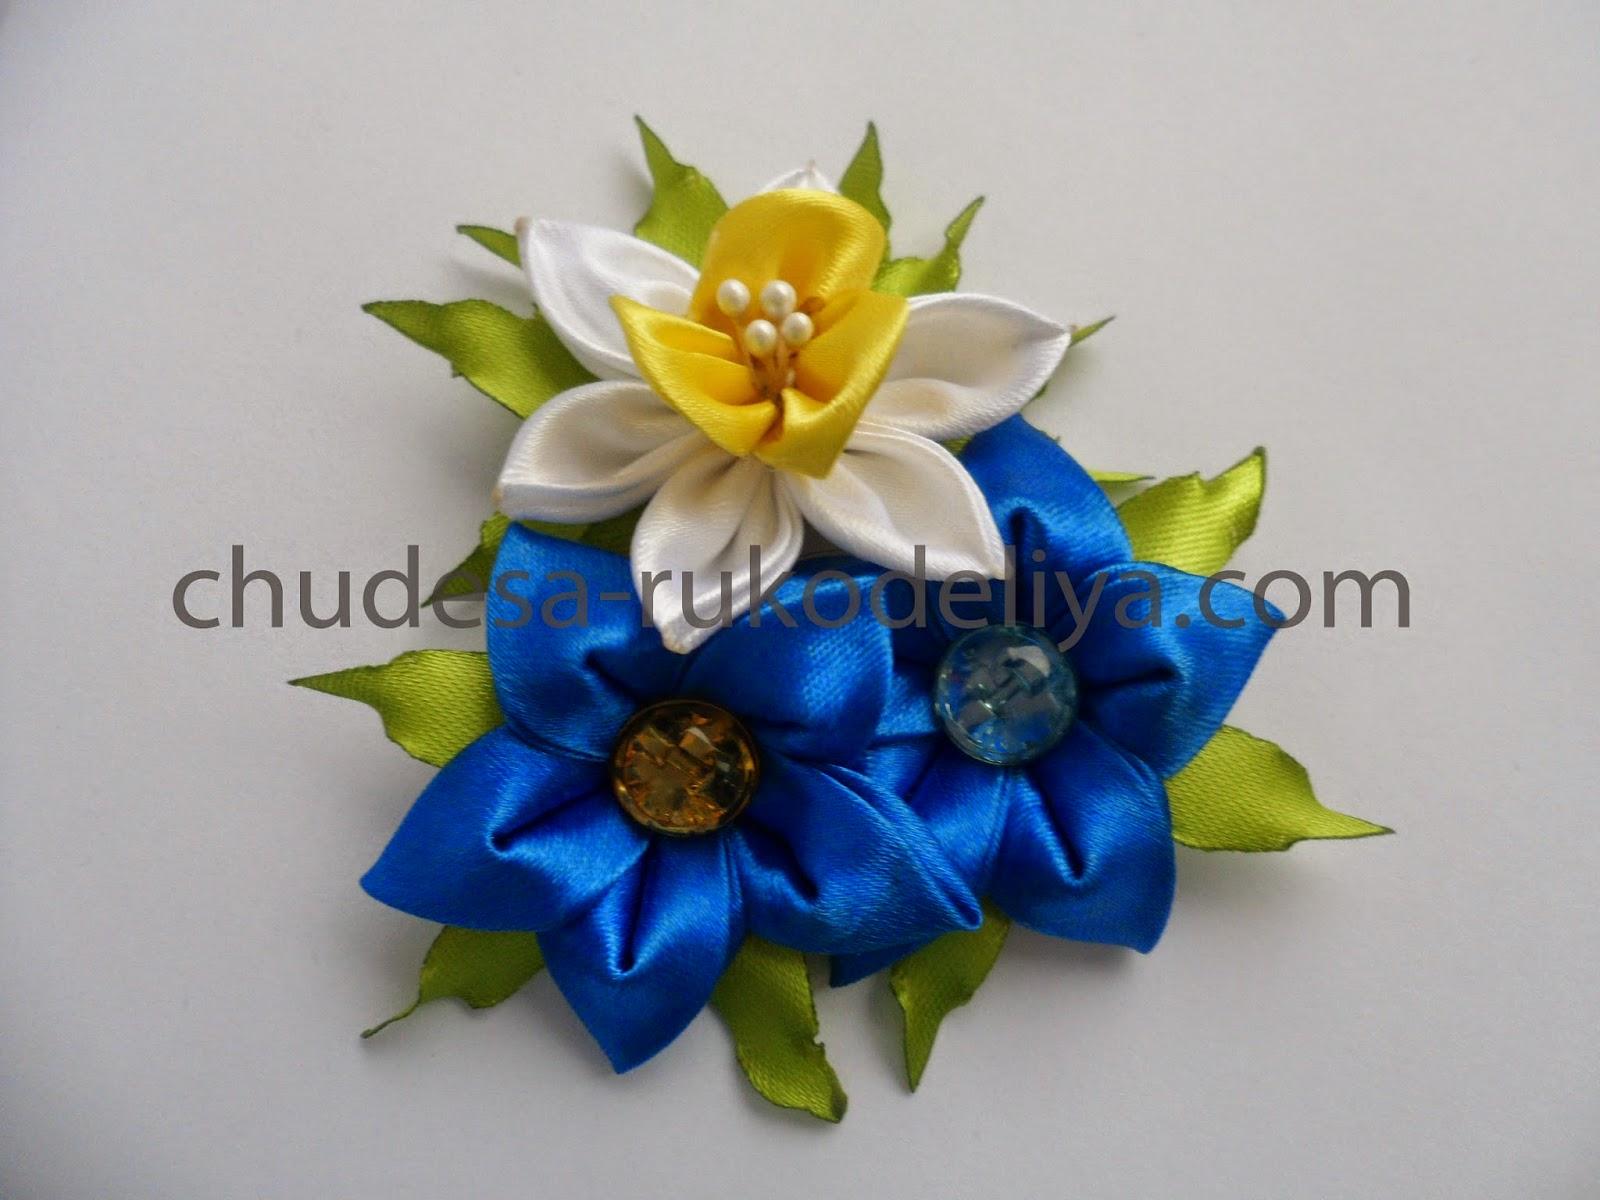 Цветы канзаши из ленты 2.5 см своими руками мастер класс